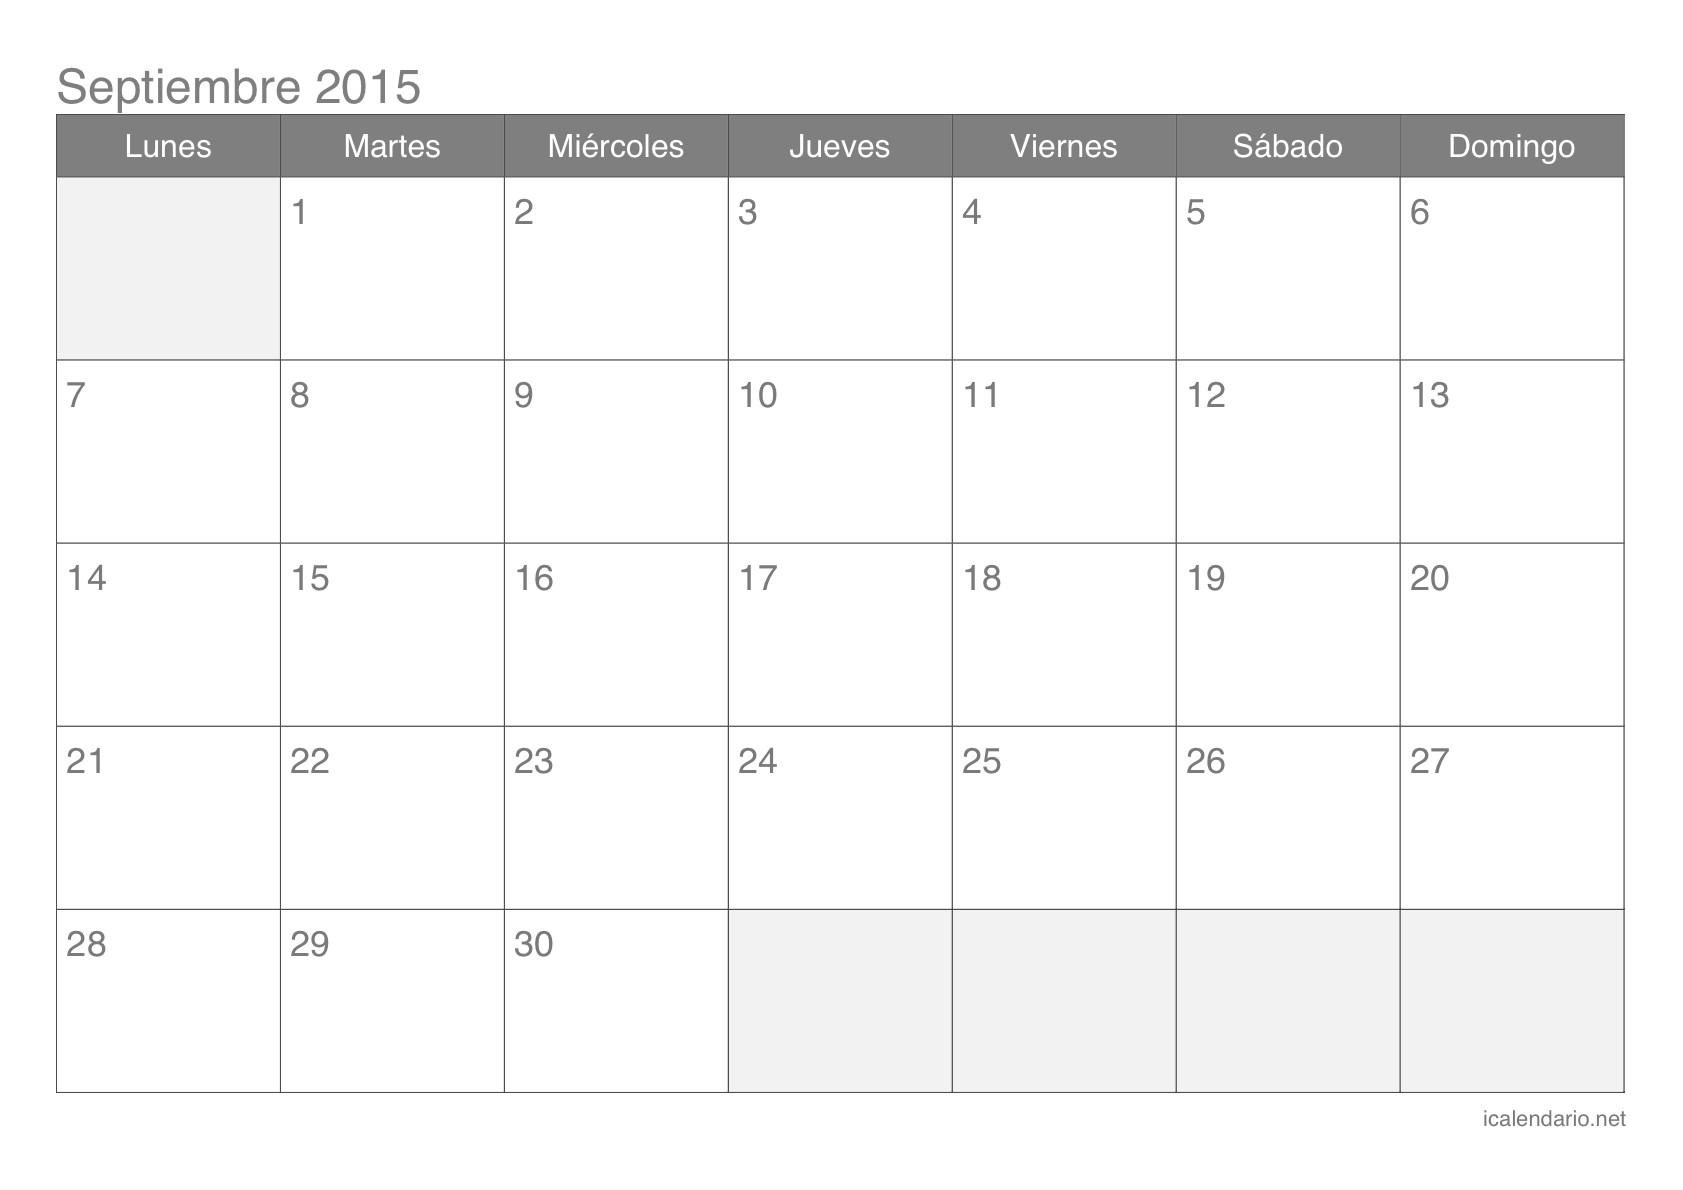 calendario septiembre 2015 para imprimir icalendario net